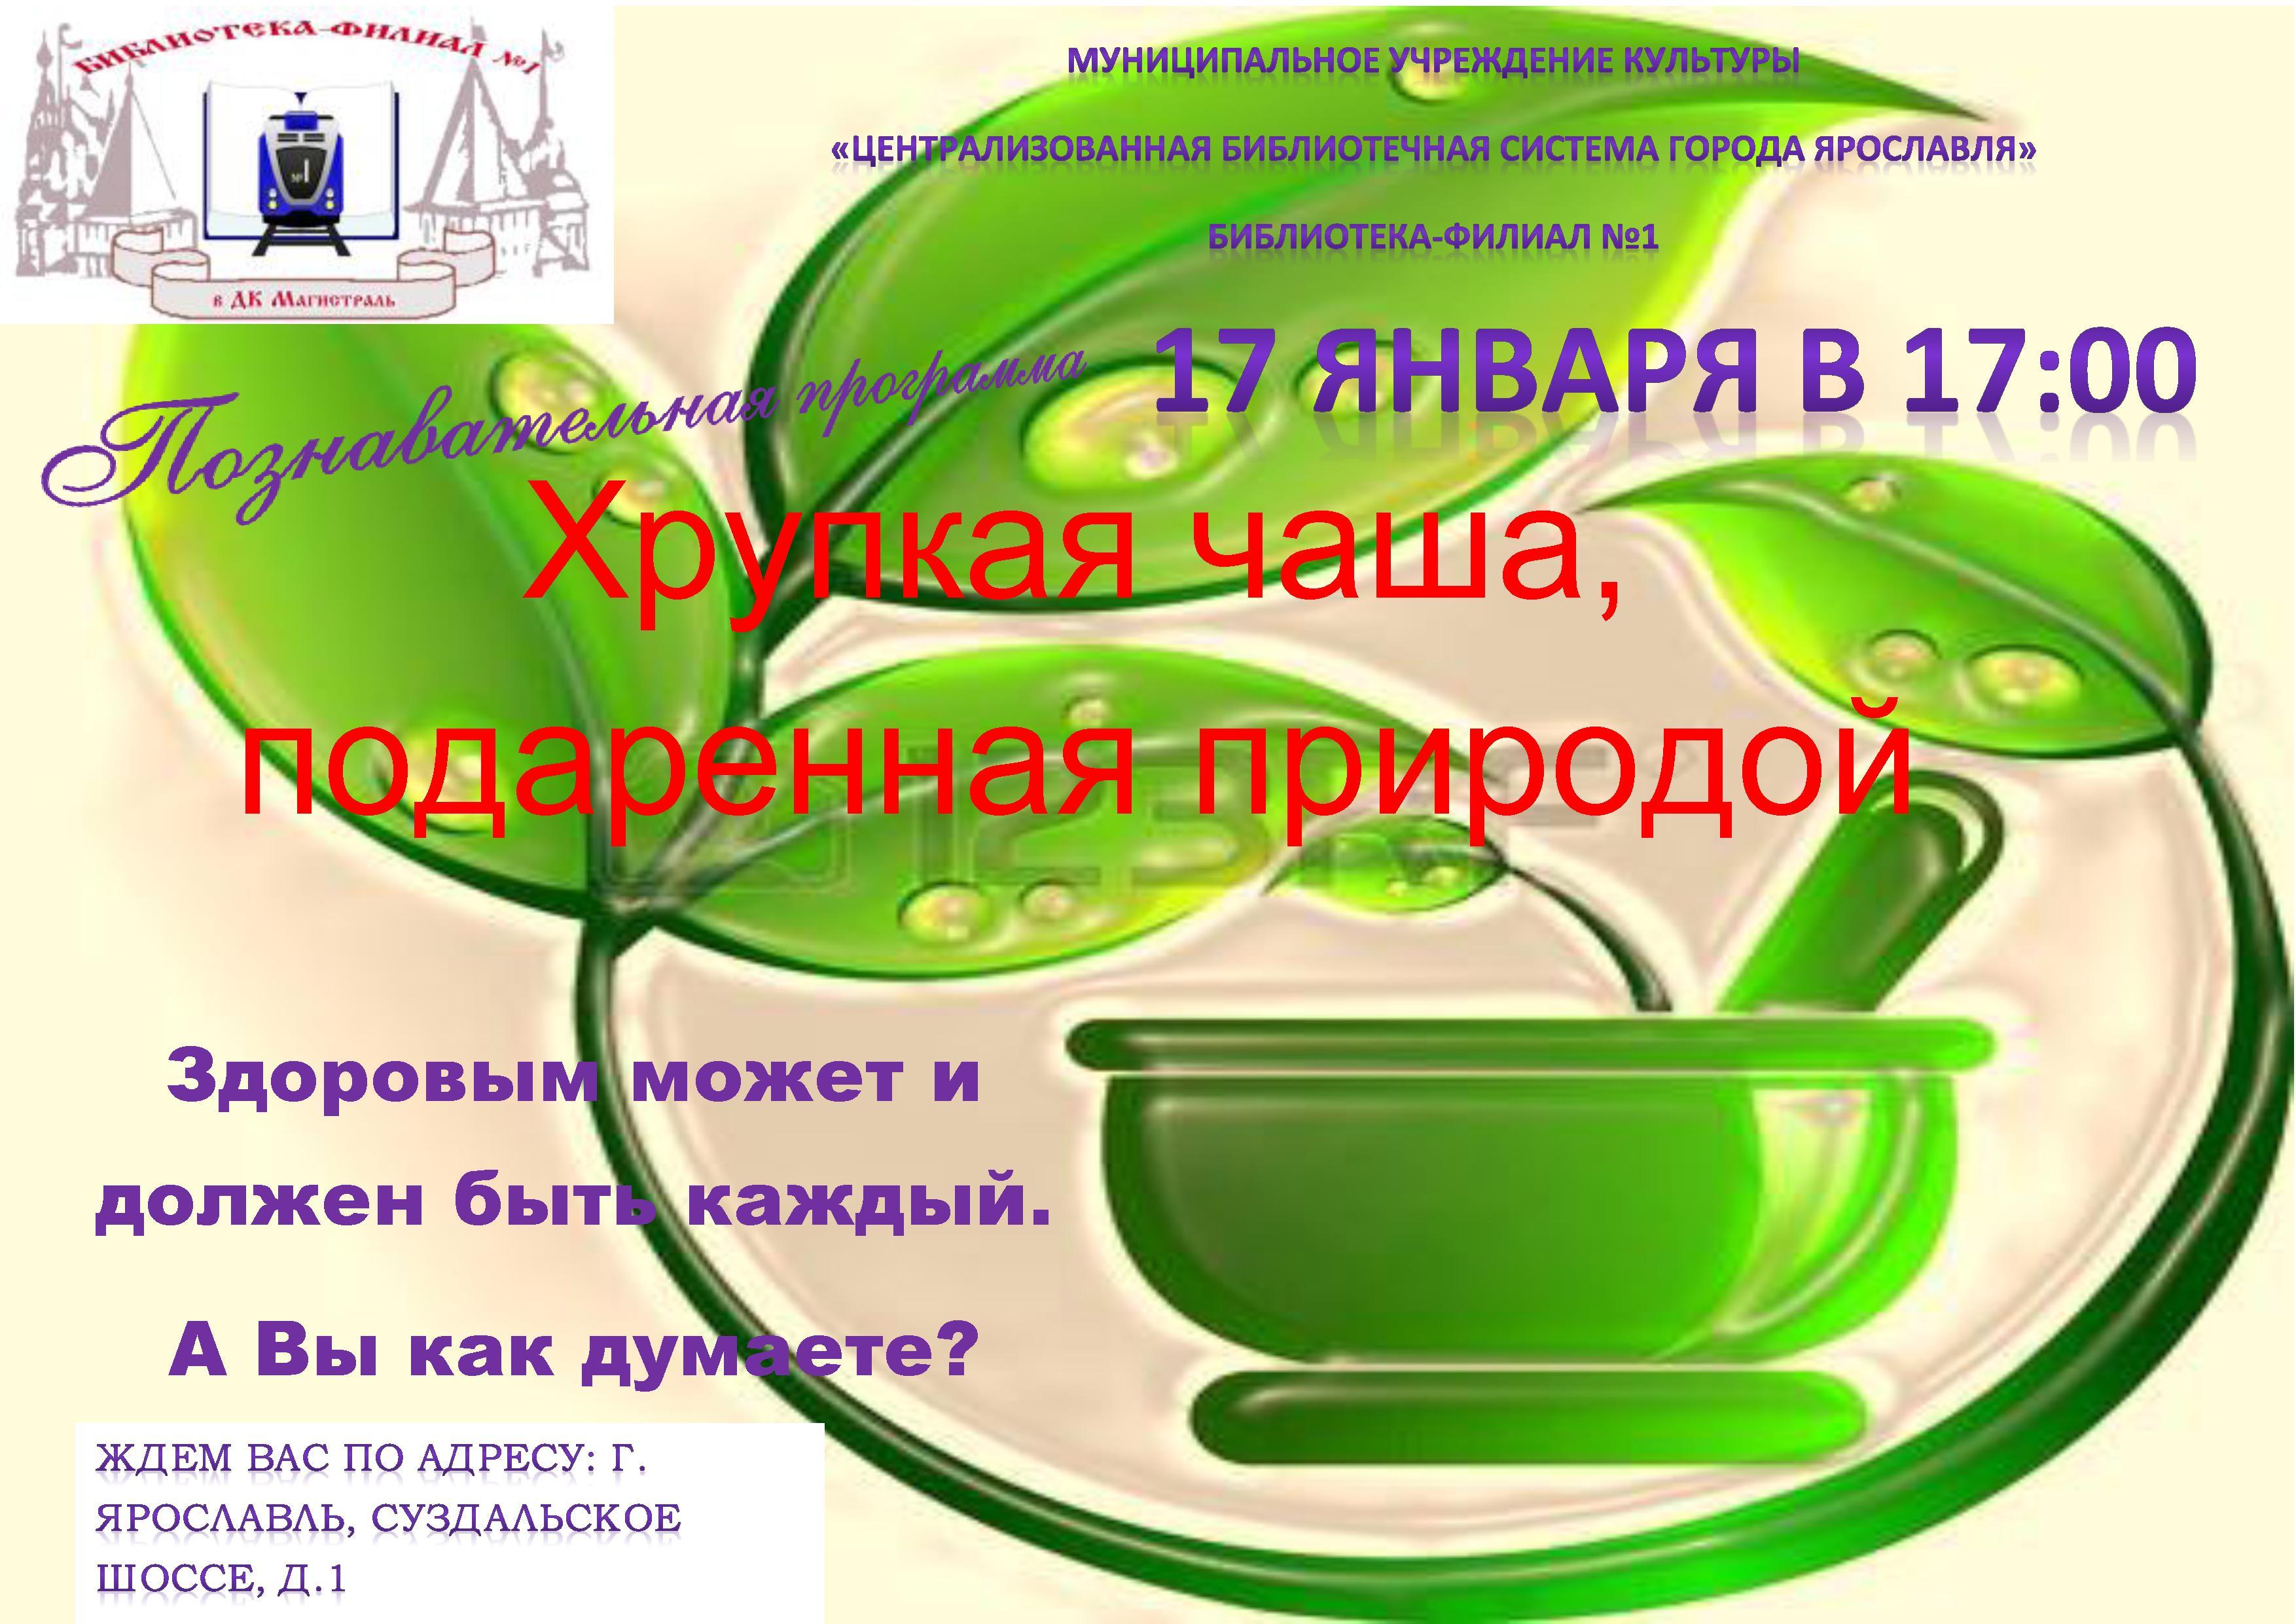 Познавательная программа «Хрупкая чаша, подаренная природой»